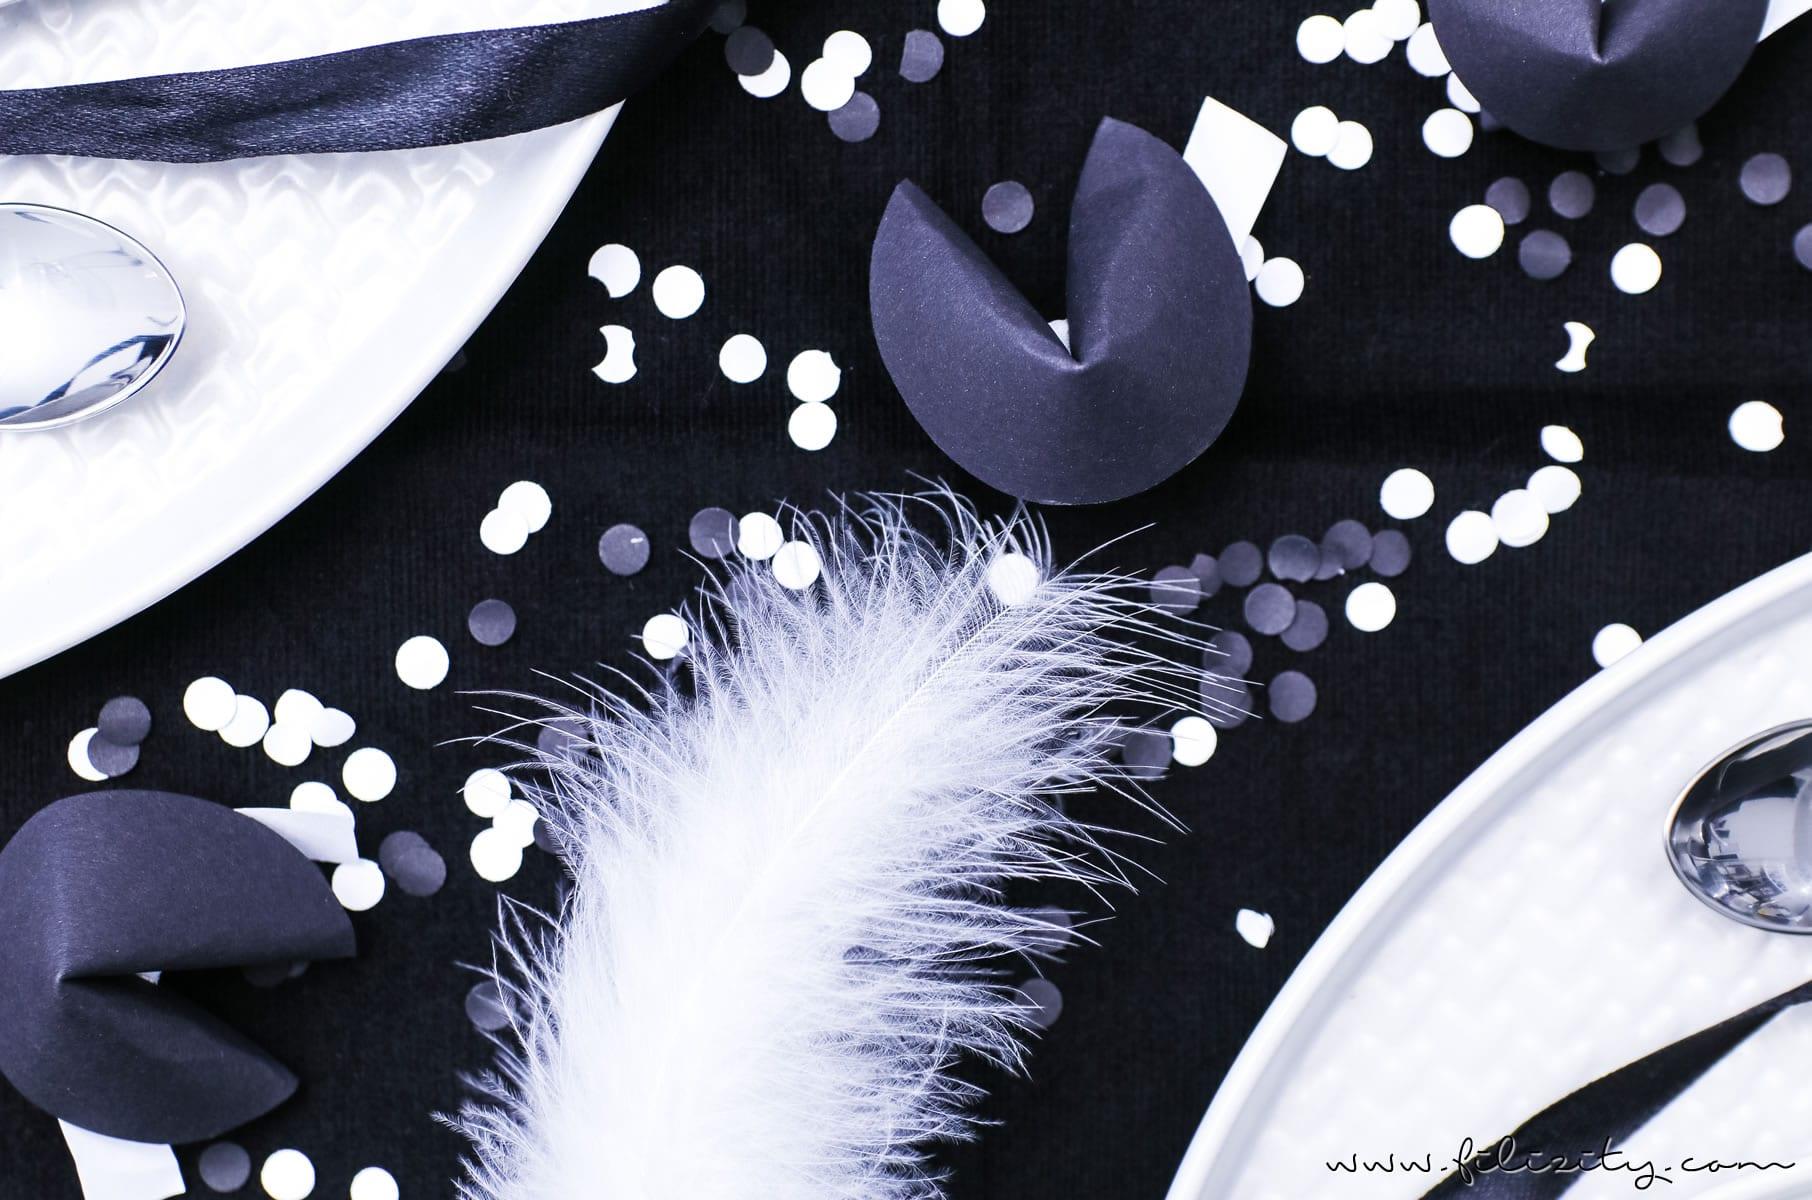 DIY Geschenkidee & Tischdeko für Silvester: Papier-Glückskekse basteln mit Neujahrswünschen | Filizity.com | DIY-Blog aus dem Rheinland #silvester #nye